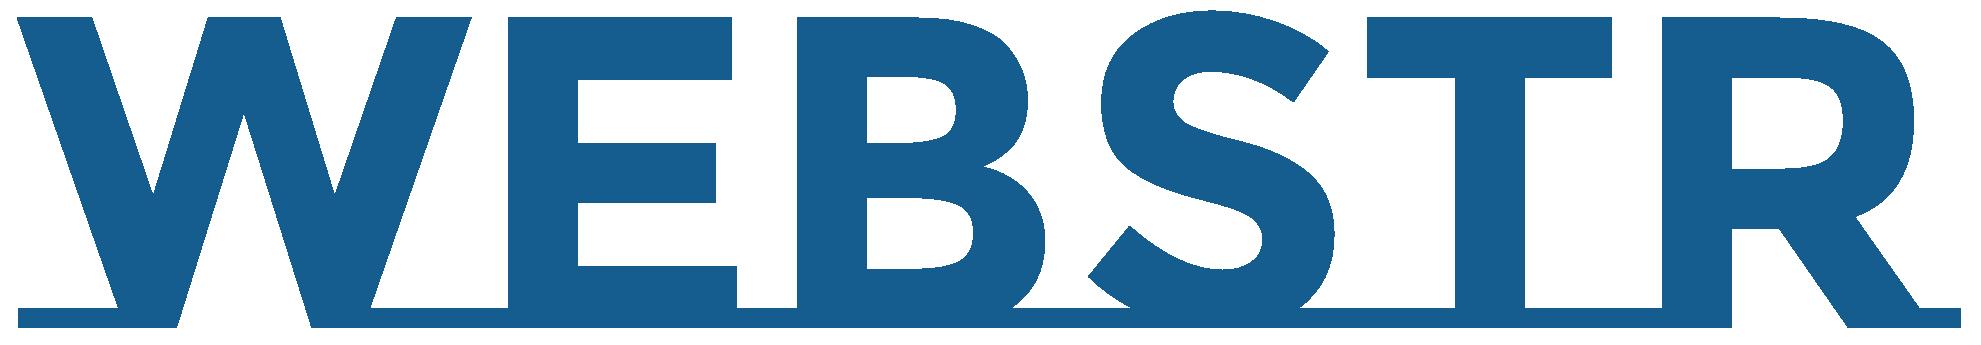 Webstr logo